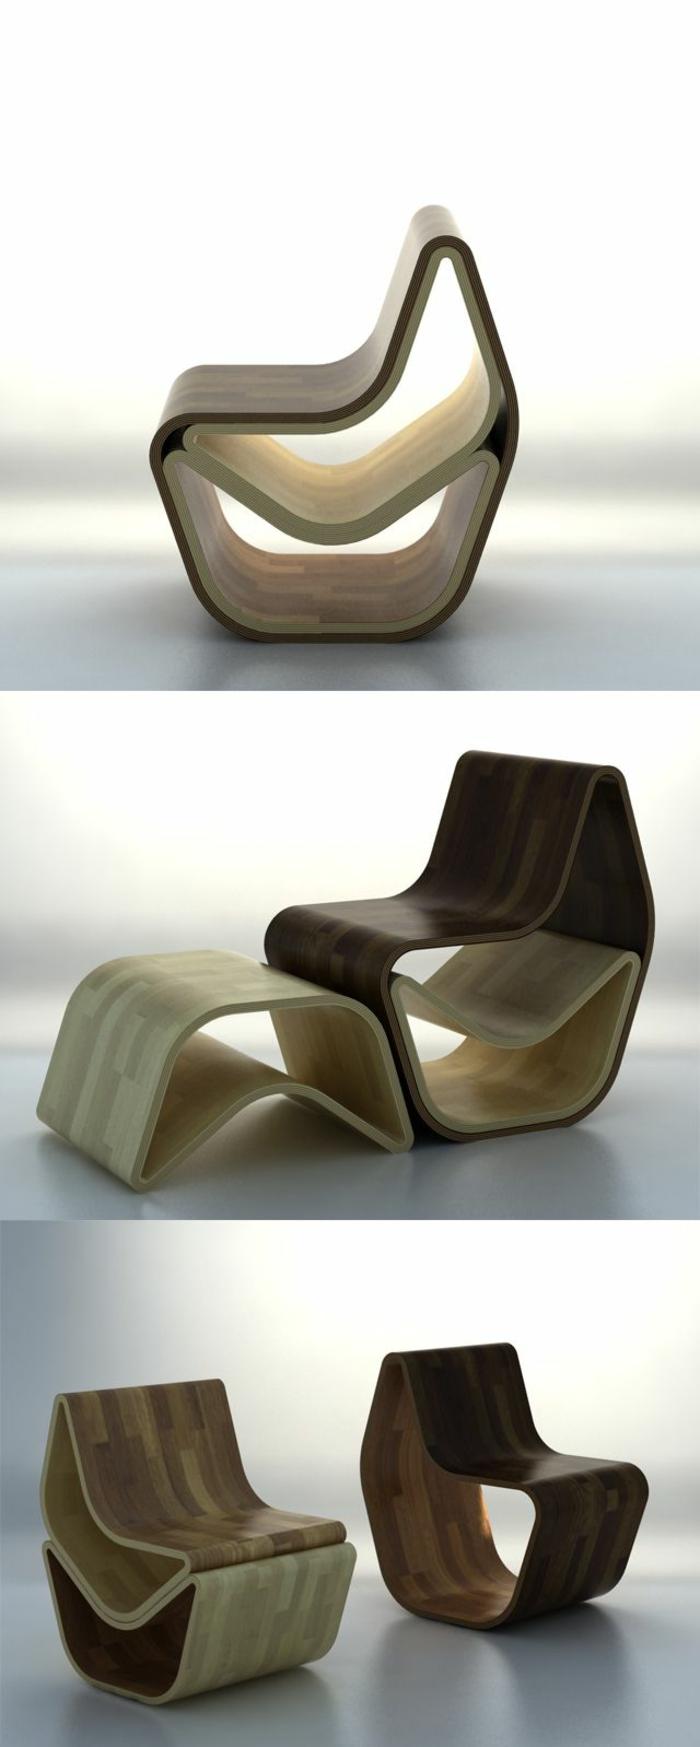 platzsparend ideen sessel de, platzsparende möbel: 70 super ideen! - archzine, Innenarchitektur